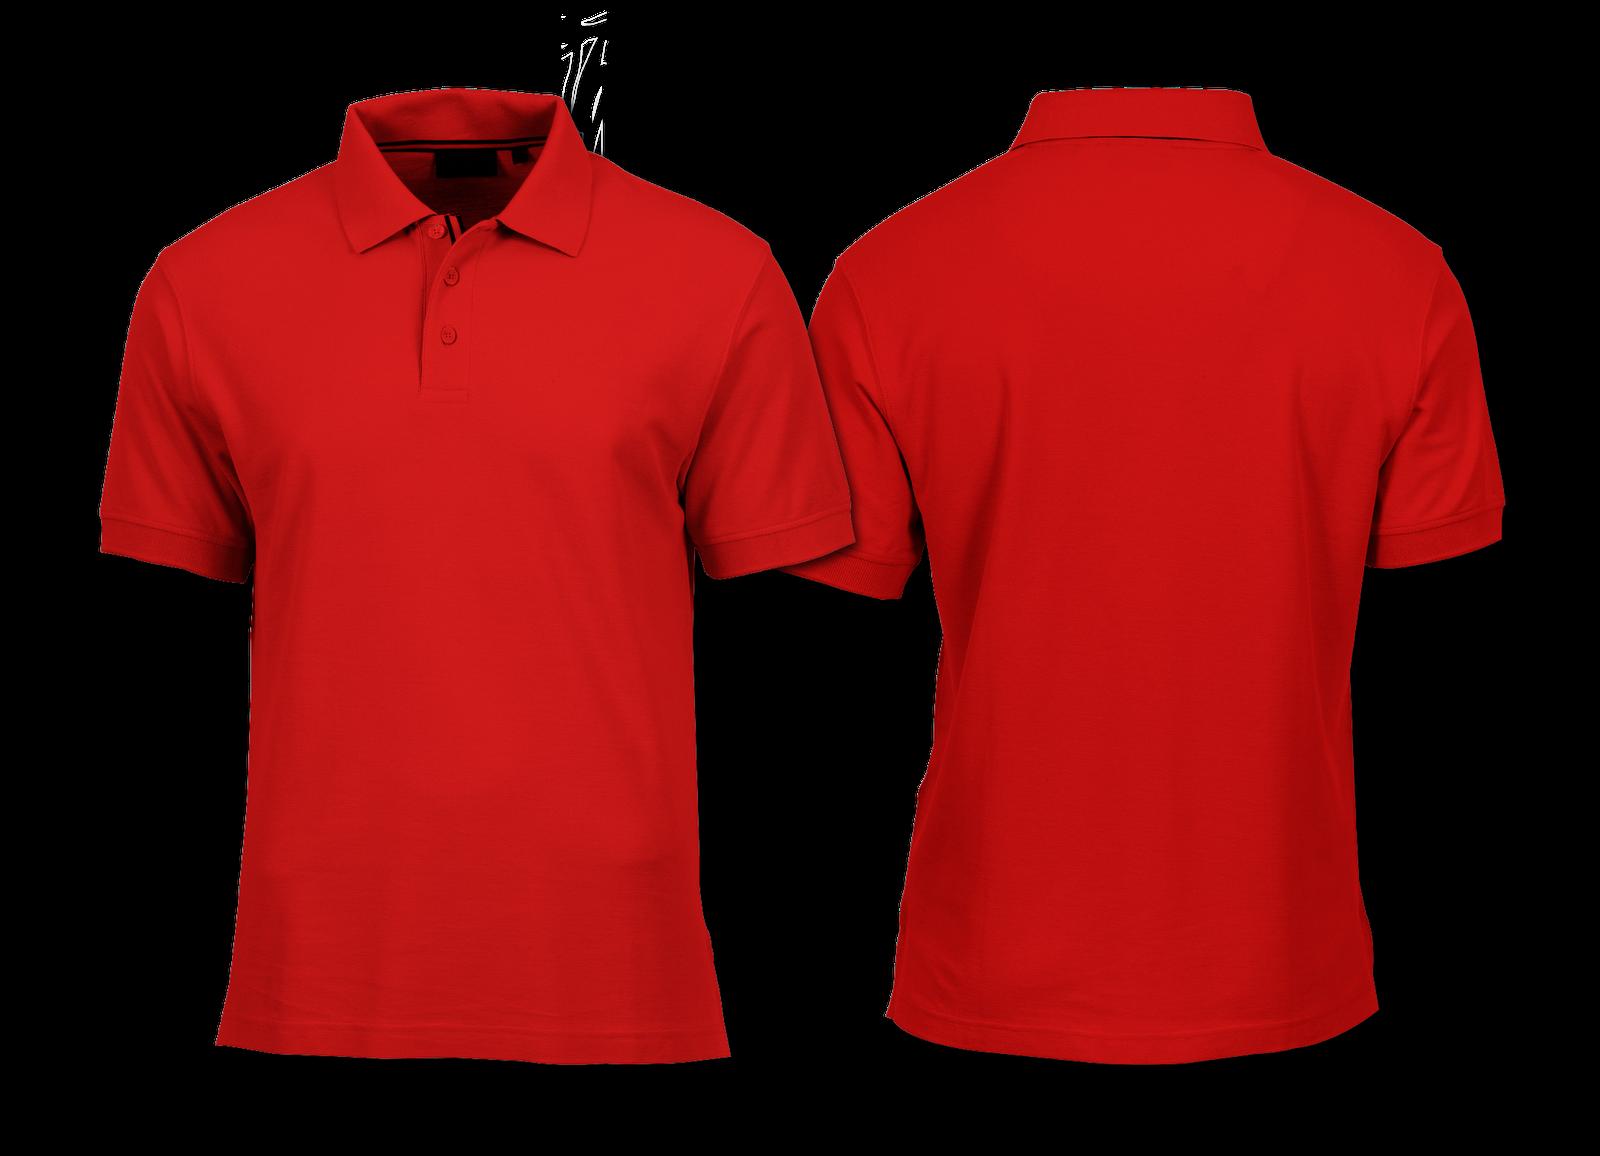 Baju Polo Shirt